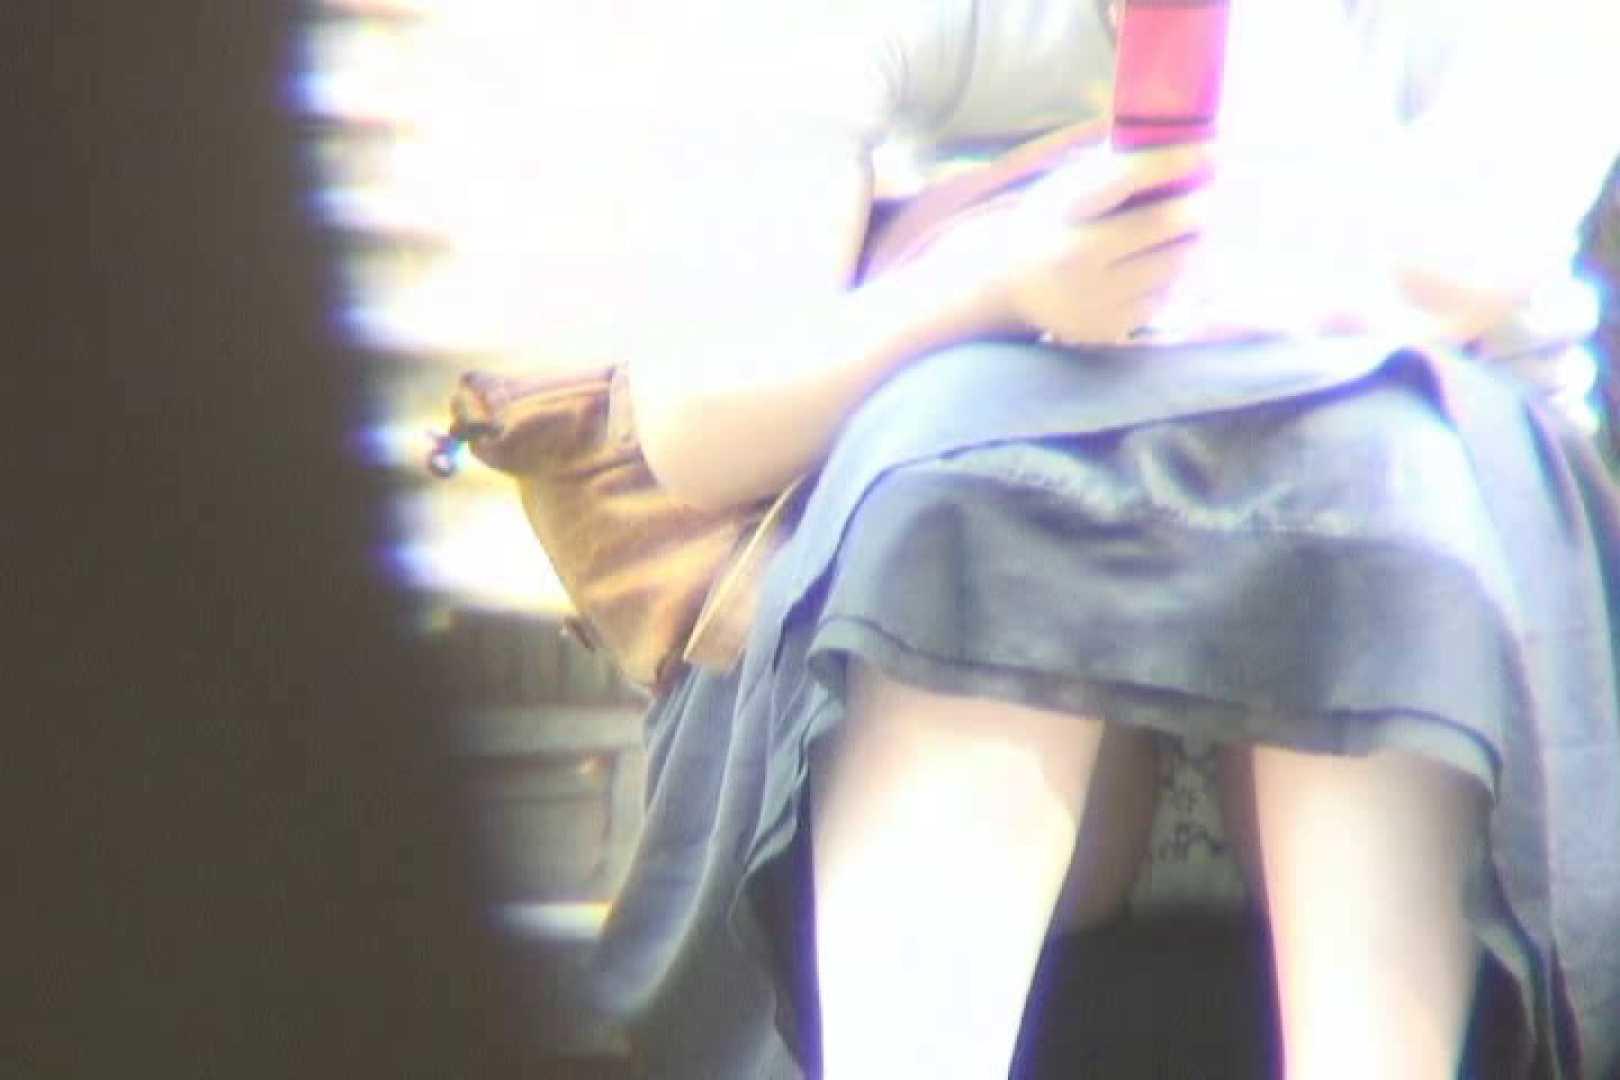 超最新版!春夏秋冬 vol.04 望遠 のぞき動画画像 87連発 42